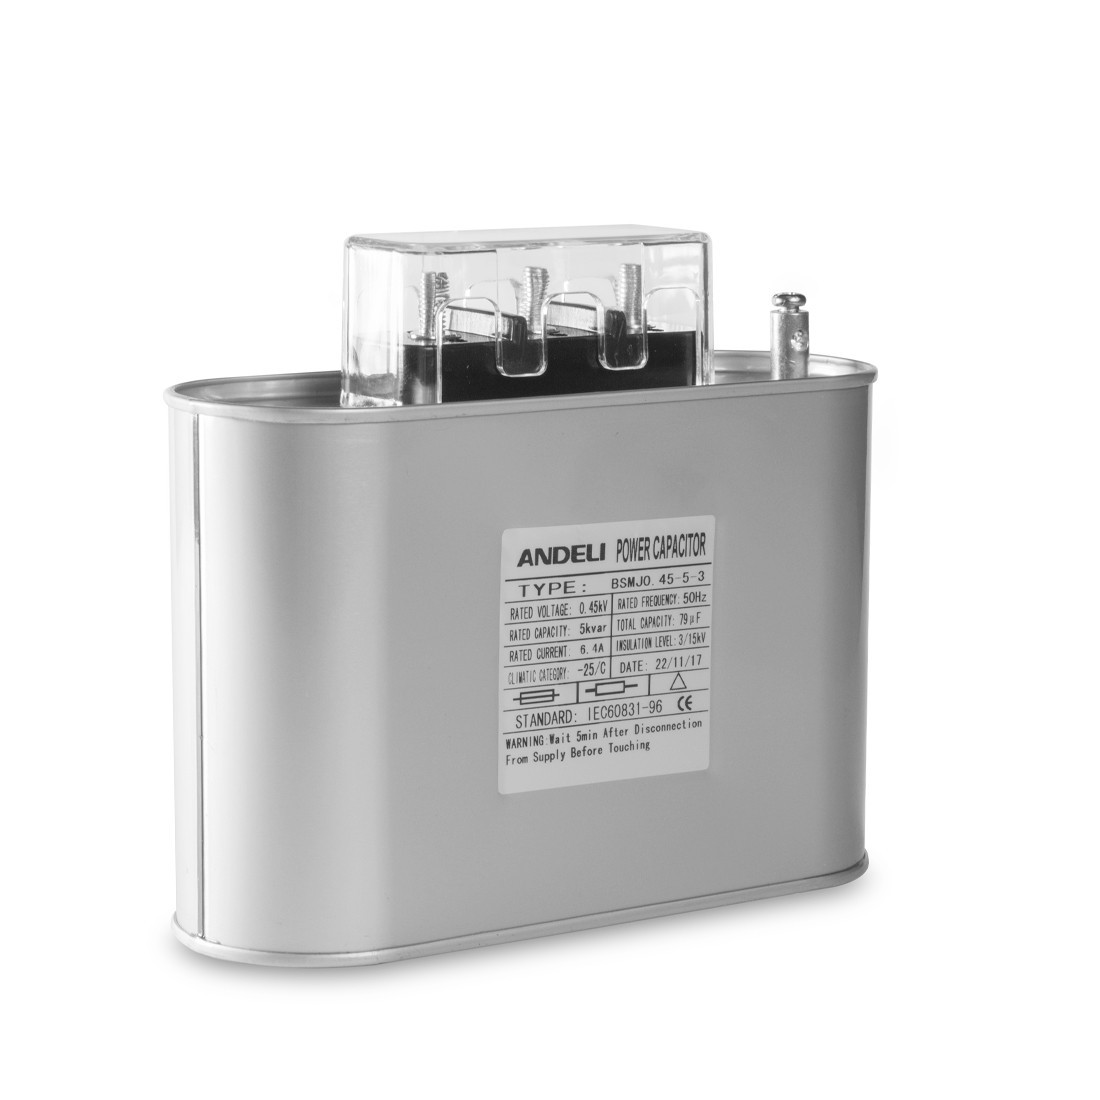 Конденсатор компенсации реактивной мощности Andeli BSMJ0.45-5-3, Ёмкость: 79 мкФ, Мощность: 5 кВАр, Напряжение